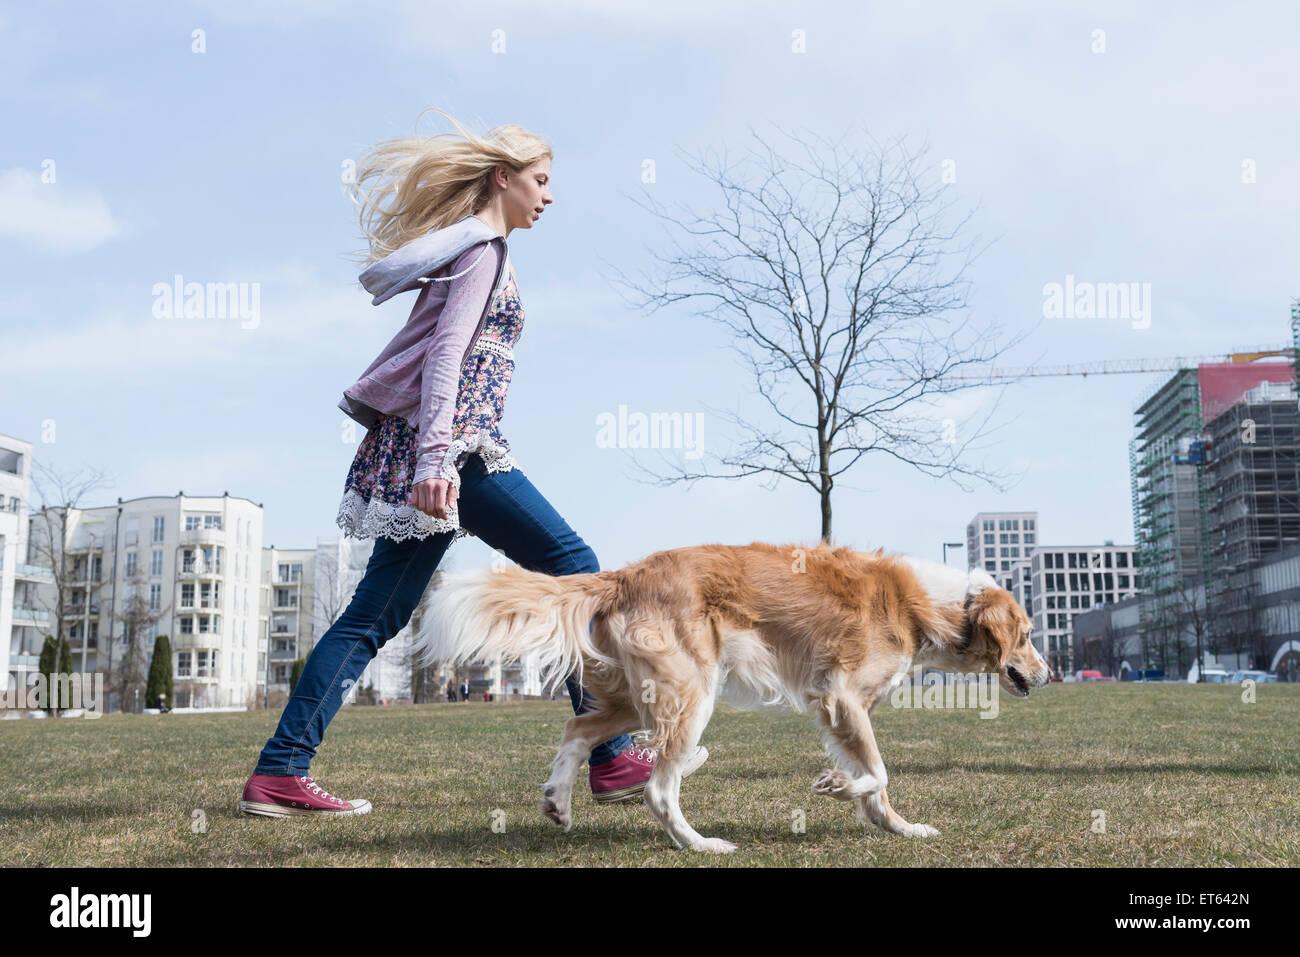 El perfil lateral de adolescente caminando en el parque con el perro, Munich, Baviera, Alemania Imagen De Stock